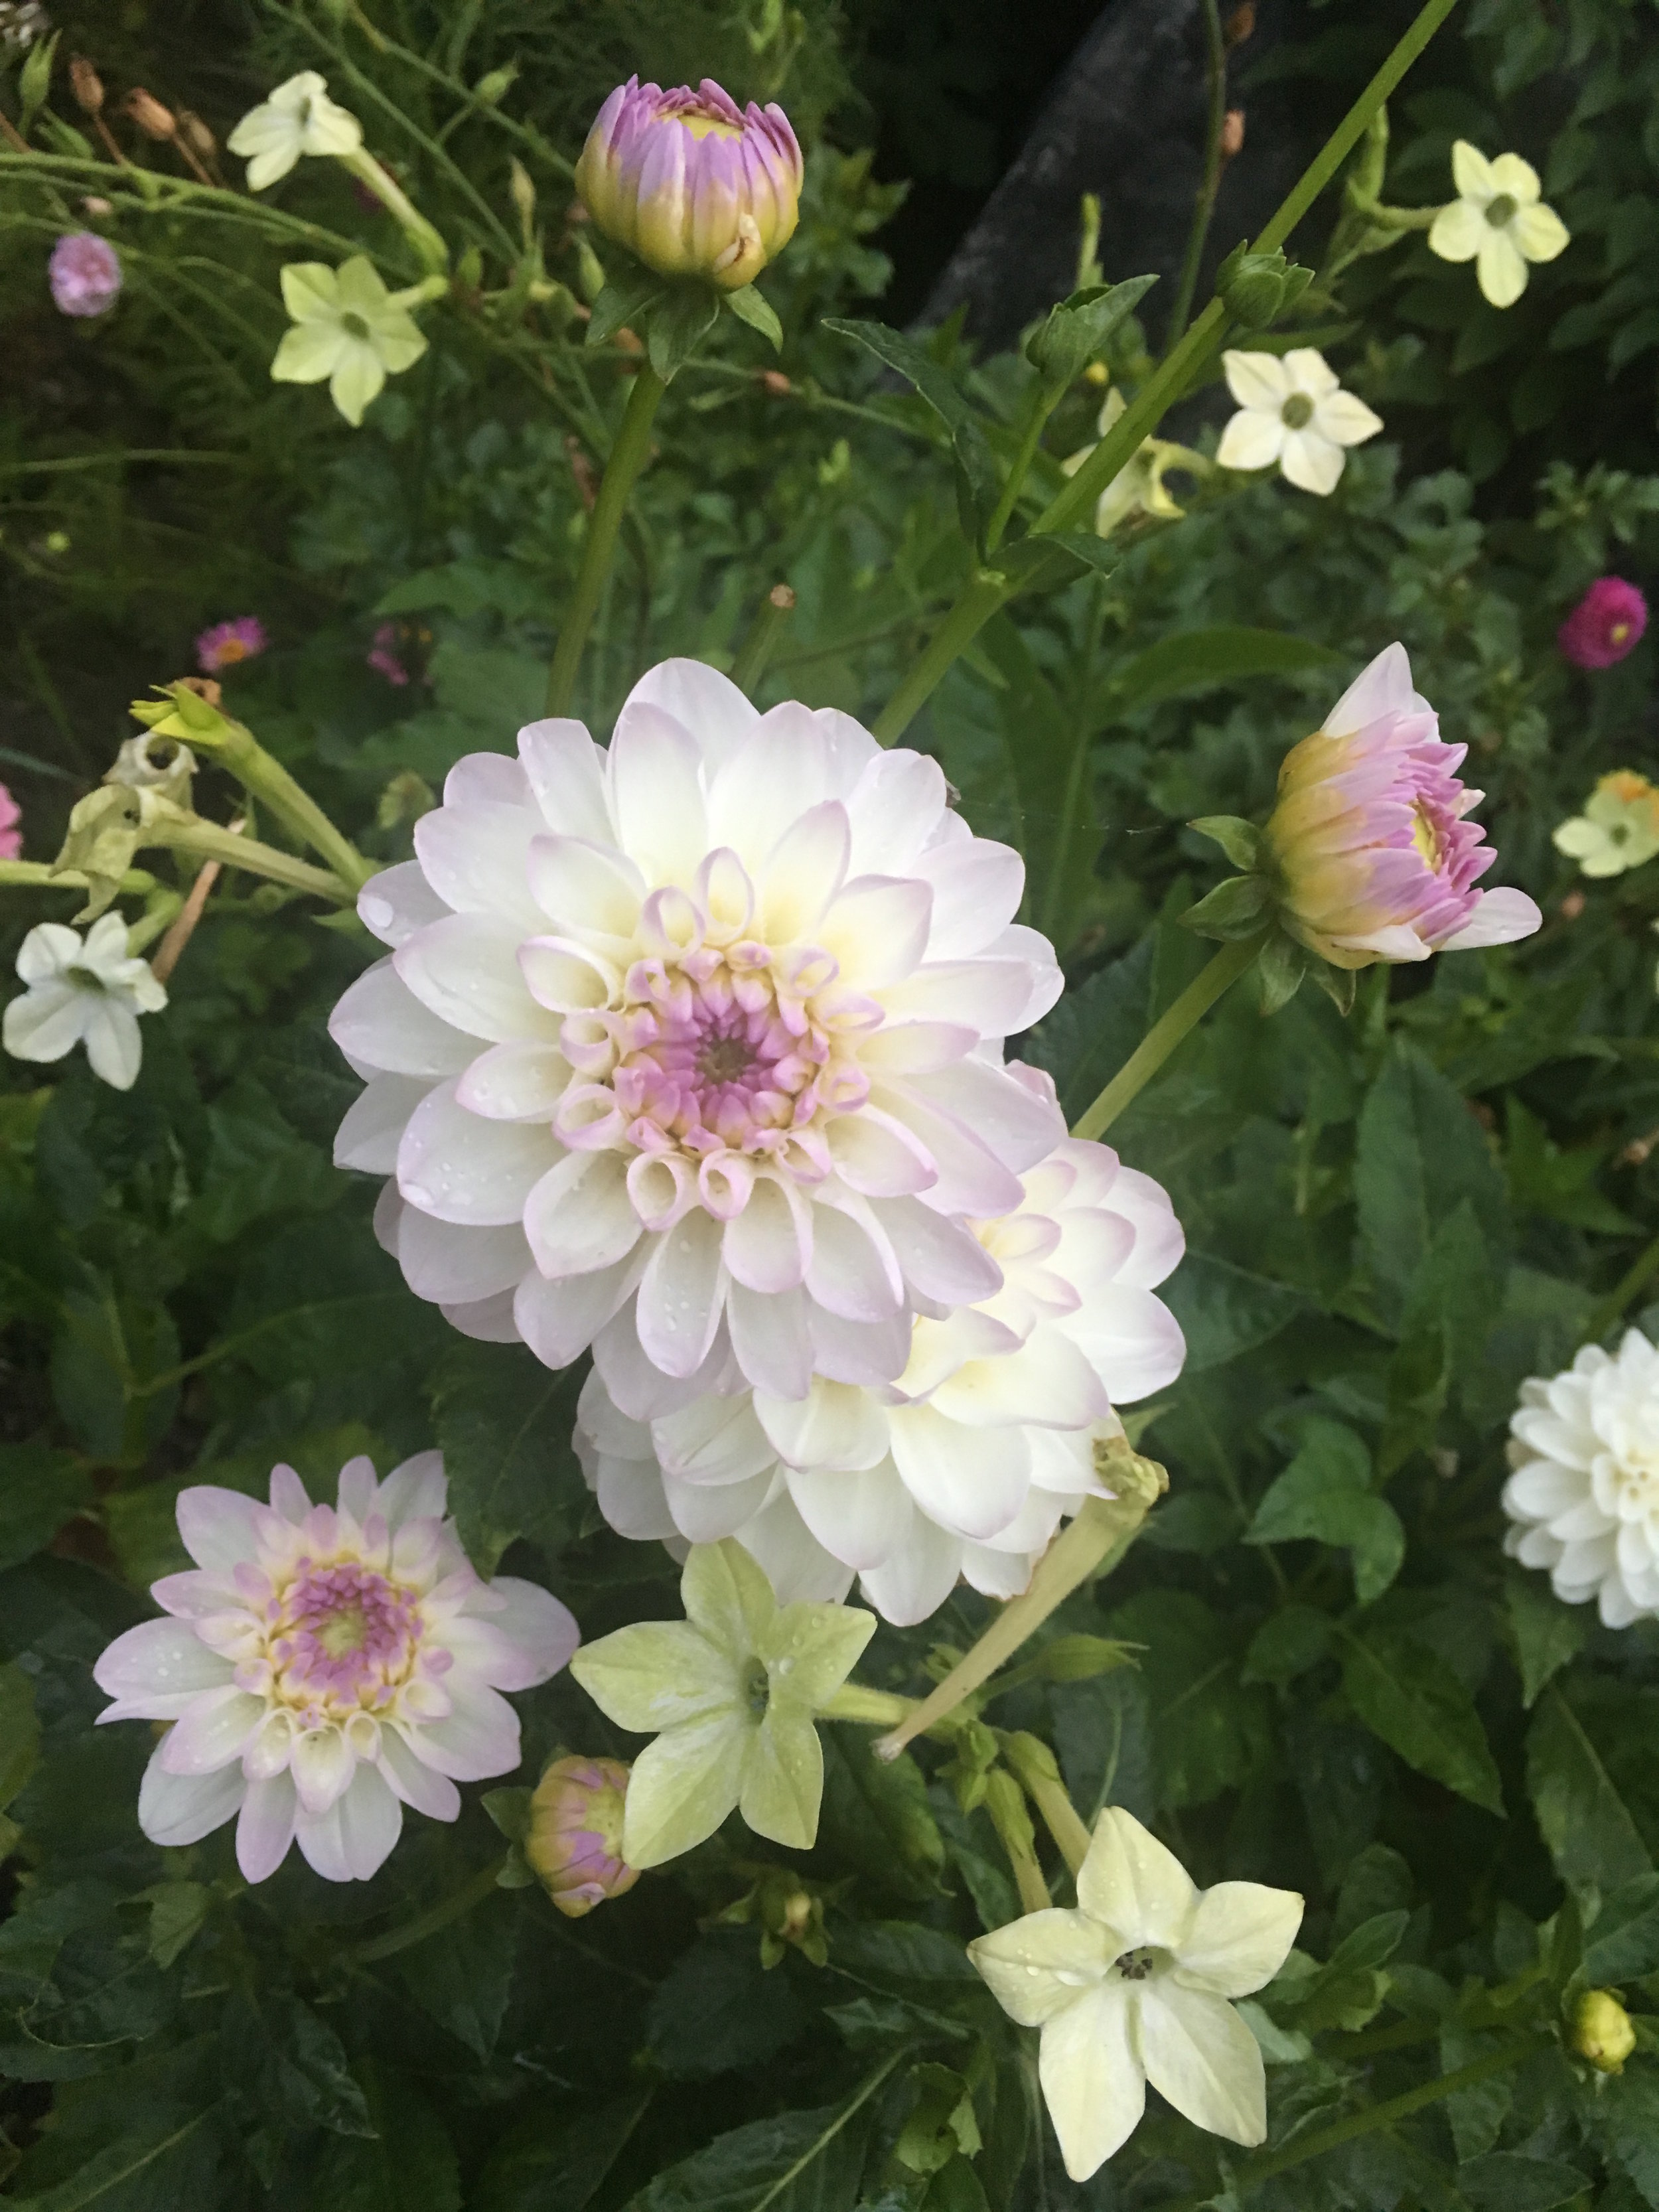 Sådan kan jeg bedst lide georginer: i selskab med andre blomster. Her er det 'Eveline' i selskab med prydtobak Nicotiana alata 'Lime Green'.